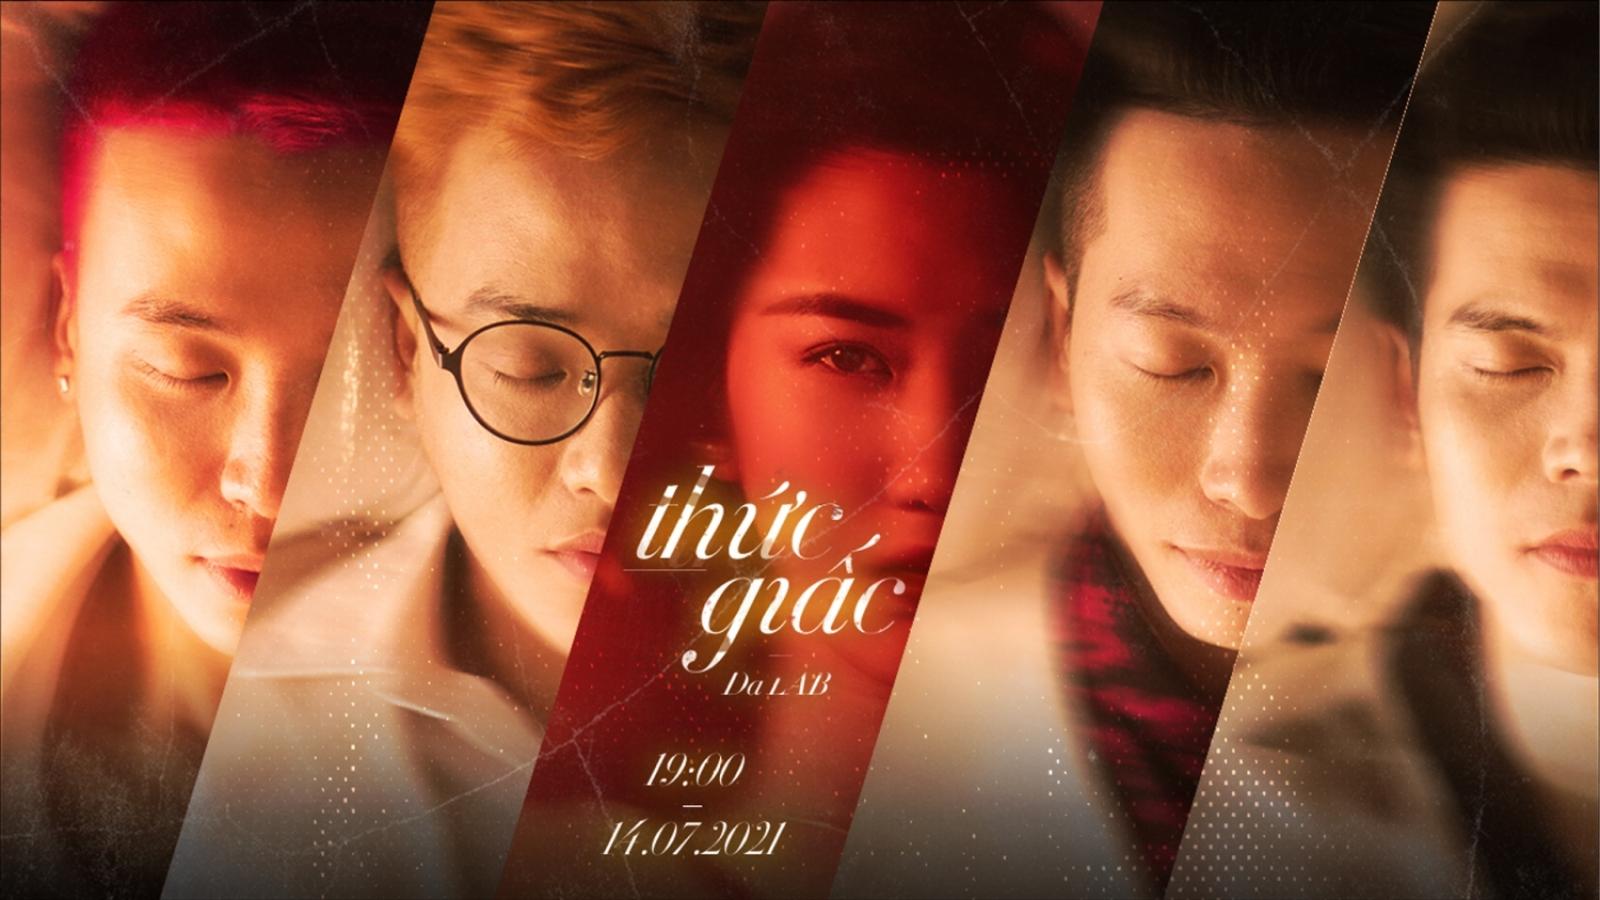 """Thúy Ngân là nàng thơ của Da LAB trong MV """"Thức giấc"""""""